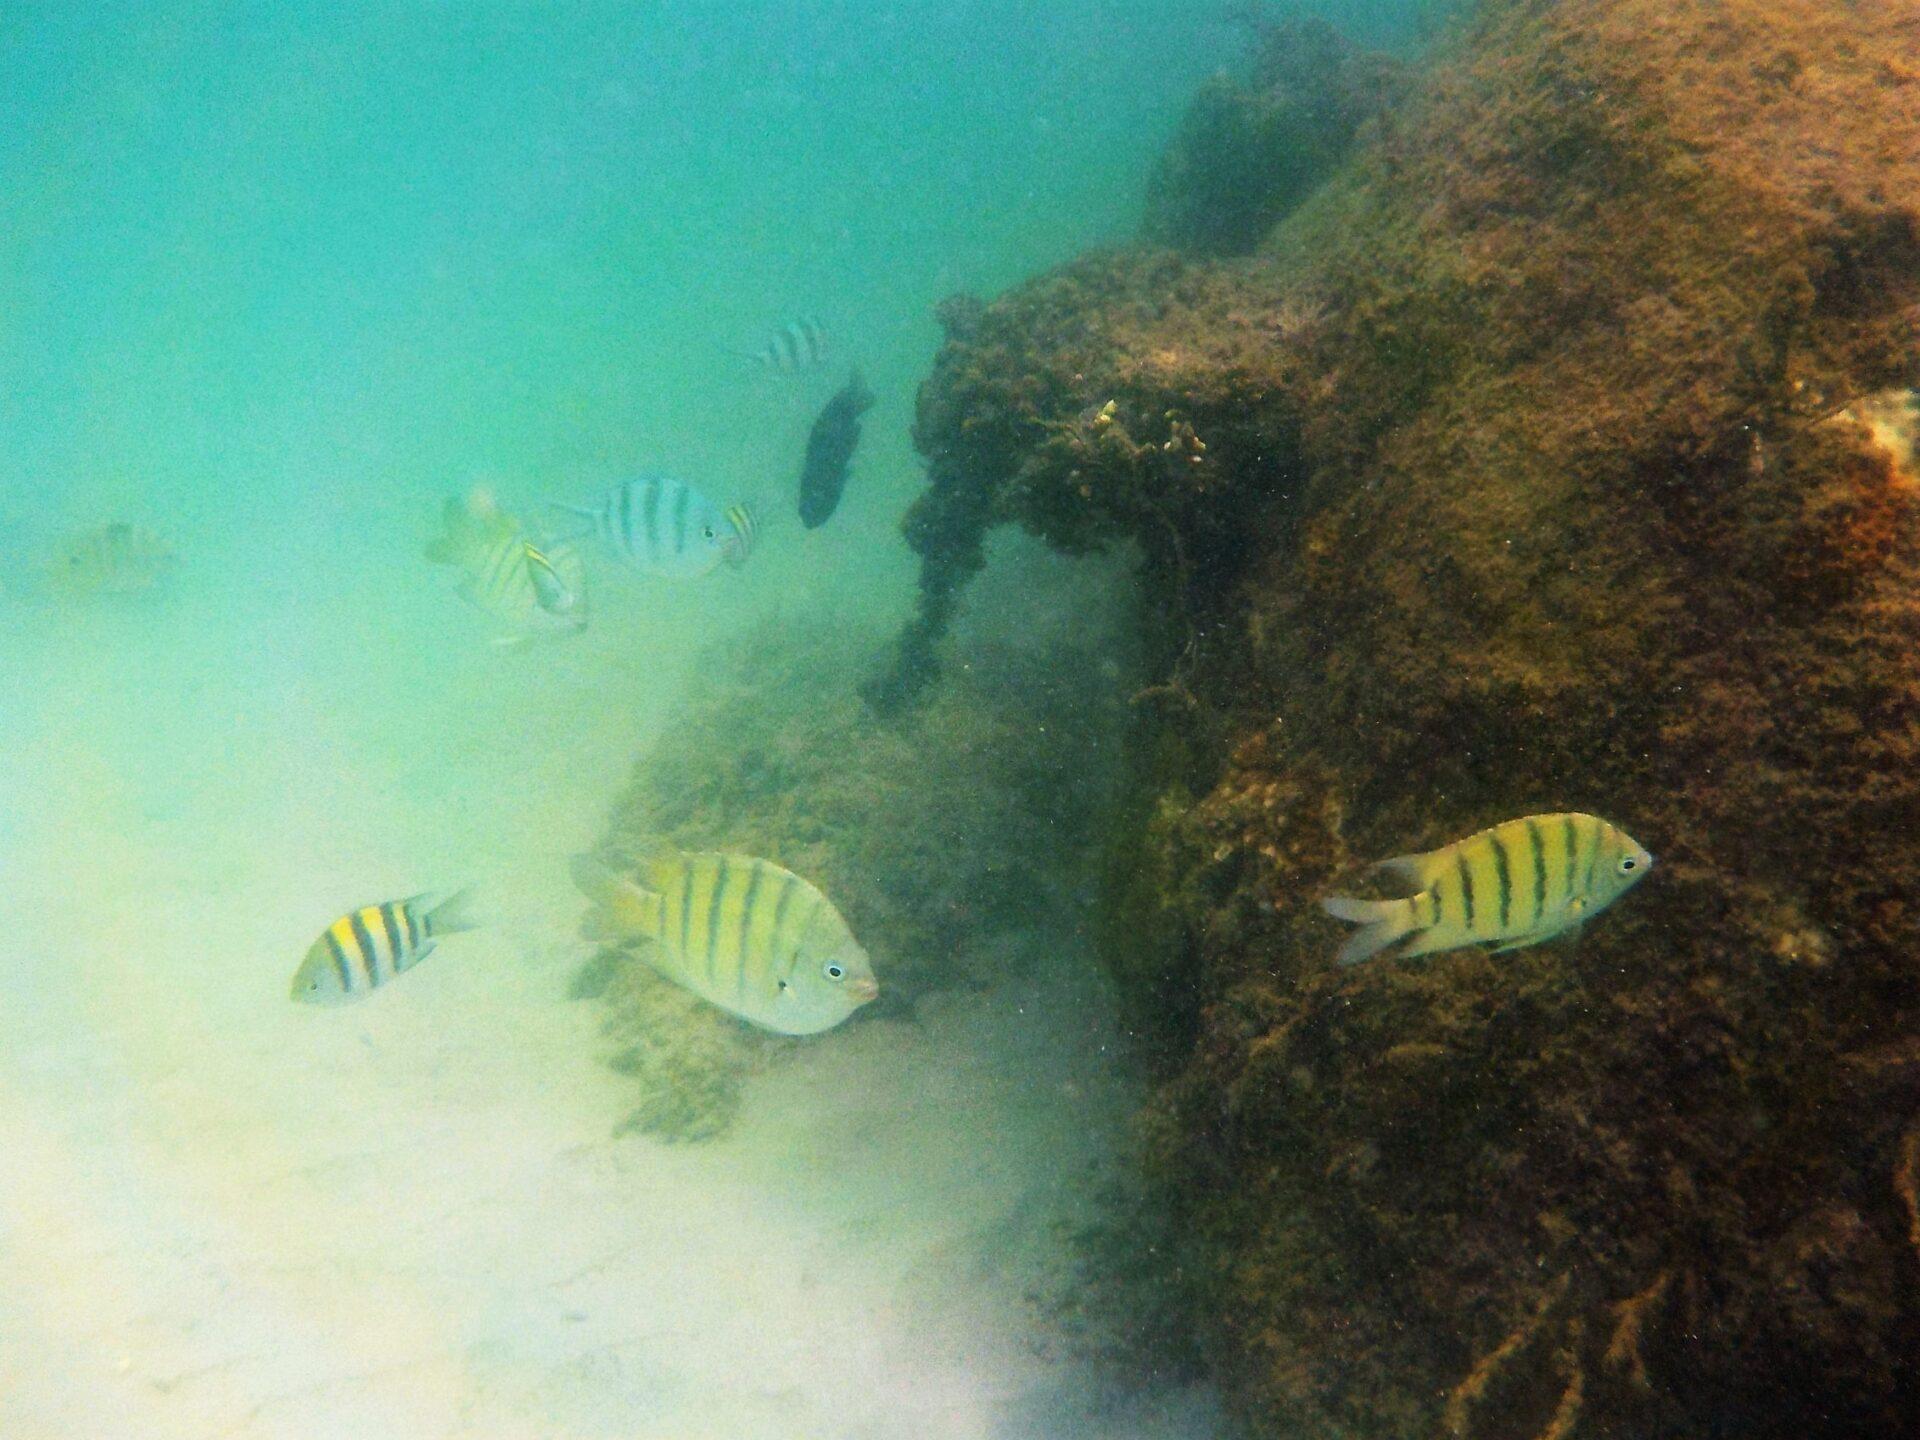 サムイ島でもシュノーケリングは出来た!魚が沢山見れるビーチはここ!【写真あり】